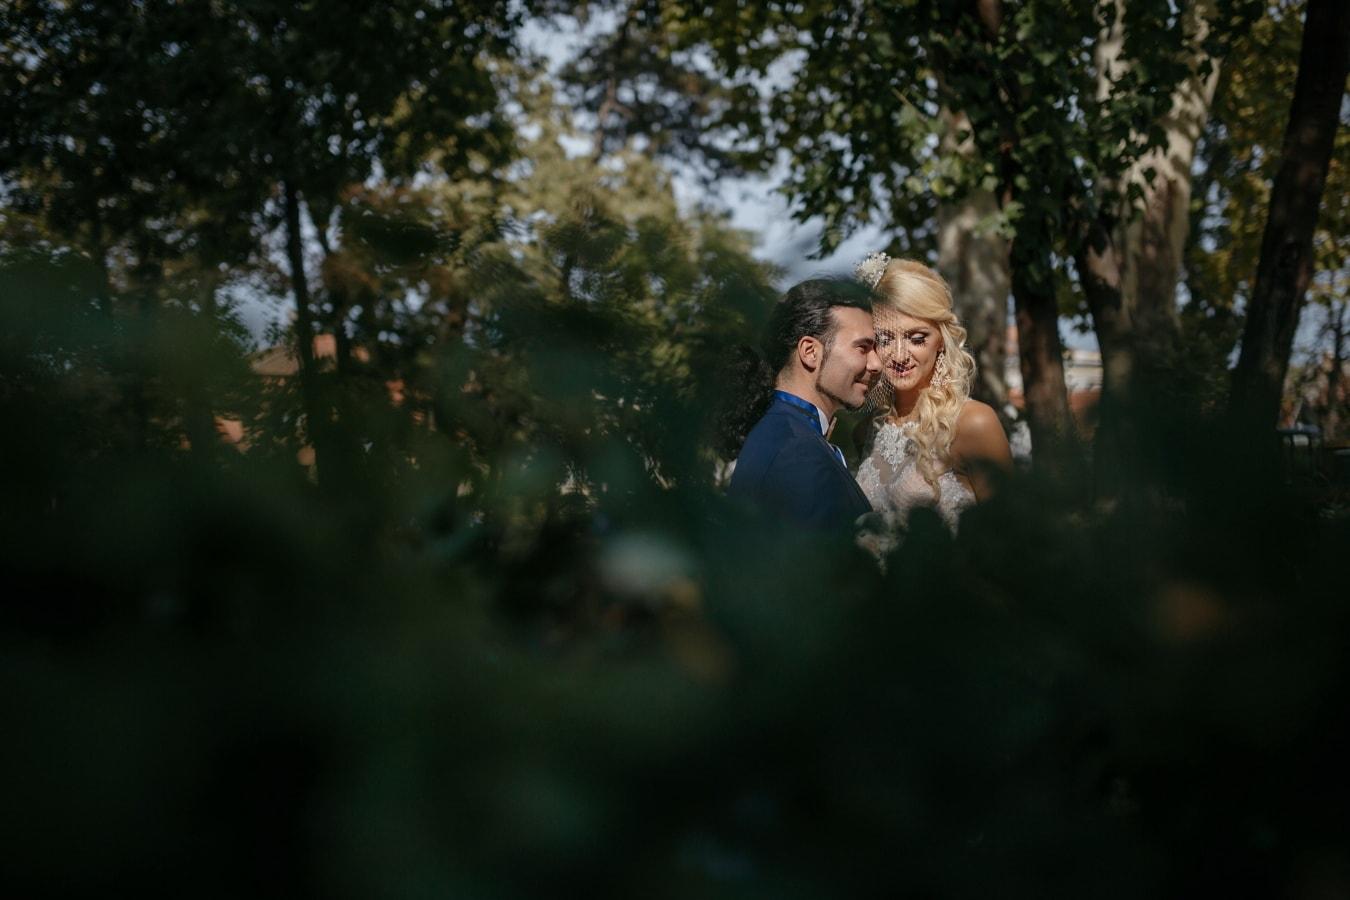 petit ami, Jolie fille, amour, Dame, étreindre, en plein air, parc, gens, jeune fille, femme